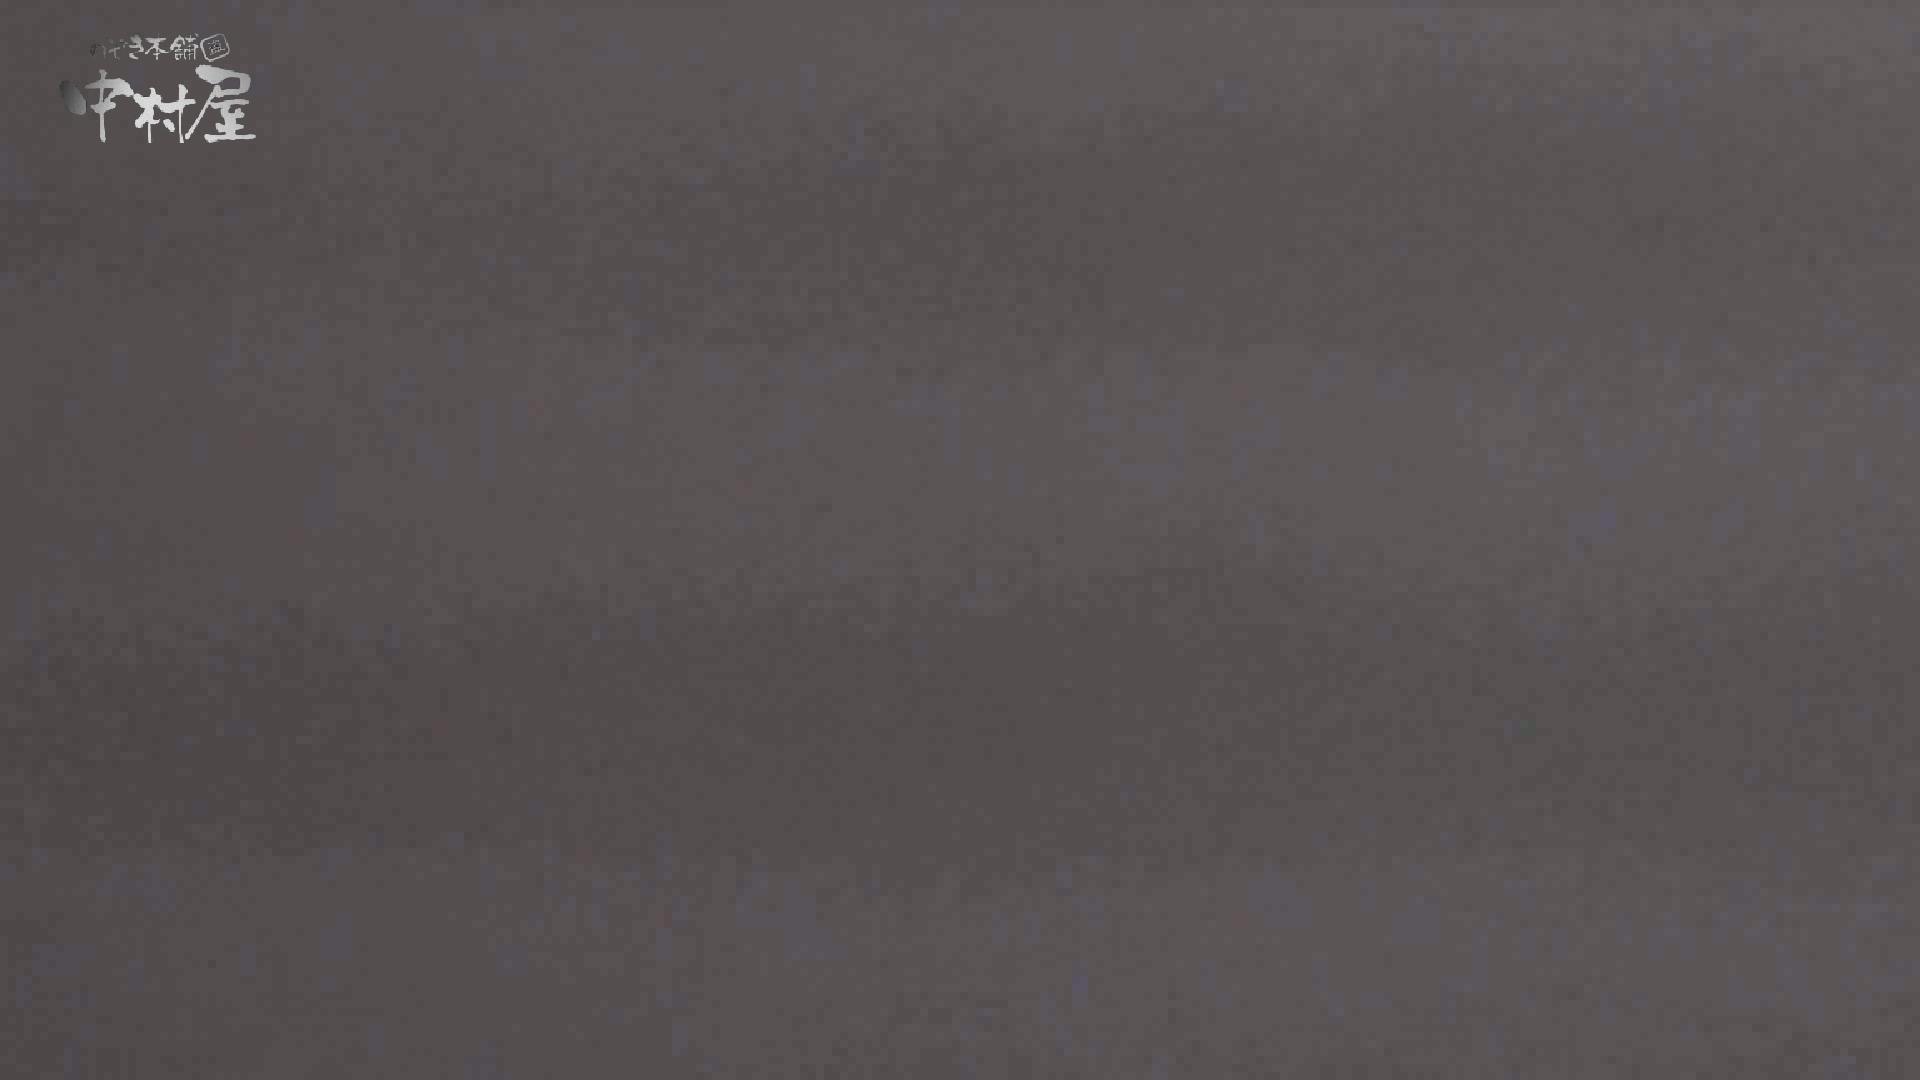 洗面所突入レポート!!vol.7 マンコ・ムレムレ 性交動画流出 103pic 4